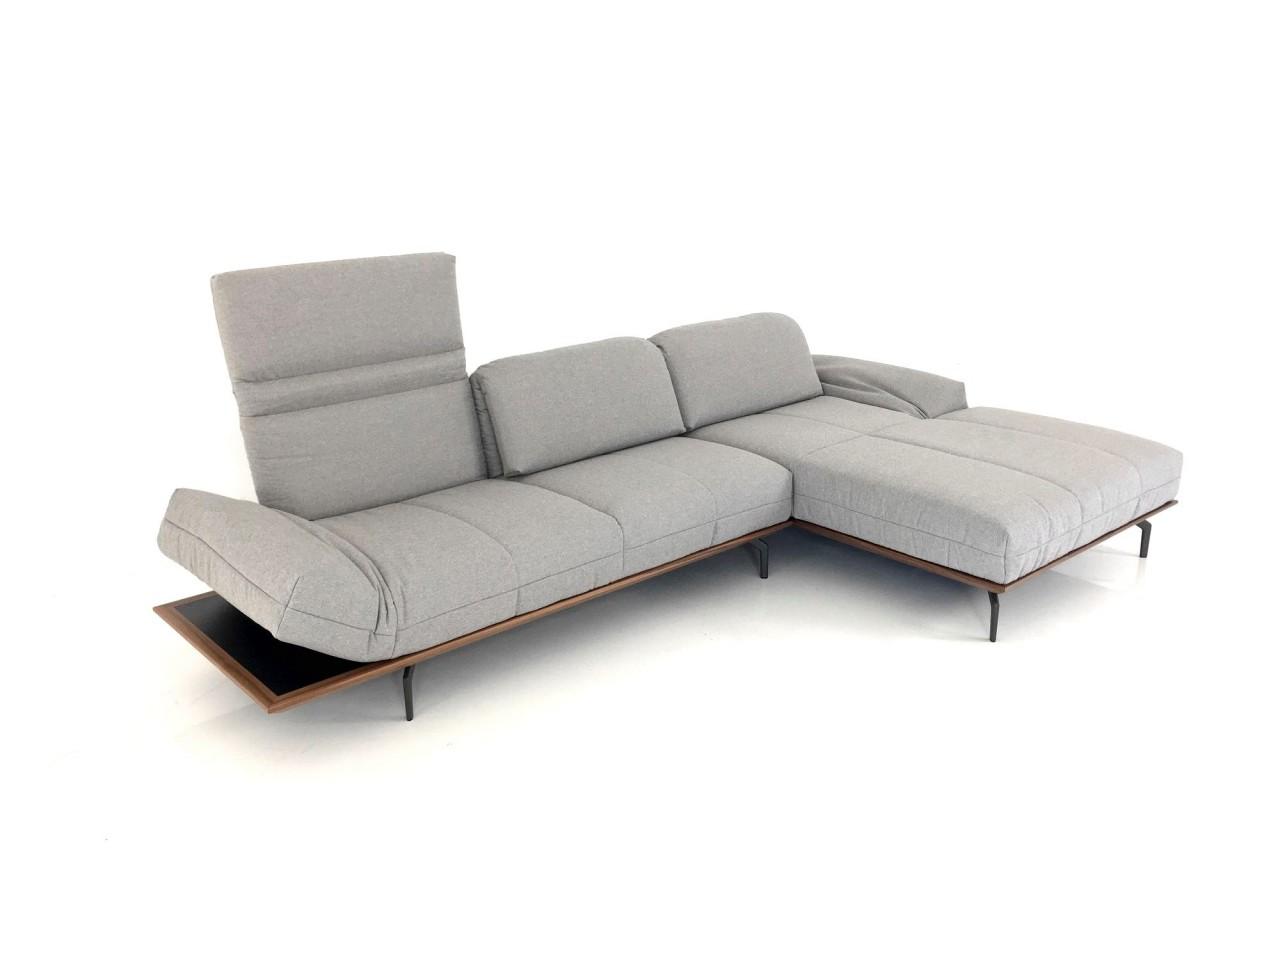 sofa grau free full size of sofa leder leder sofas brostuhl kleines sofa leder sofa grau with. Black Bedroom Furniture Sets. Home Design Ideas